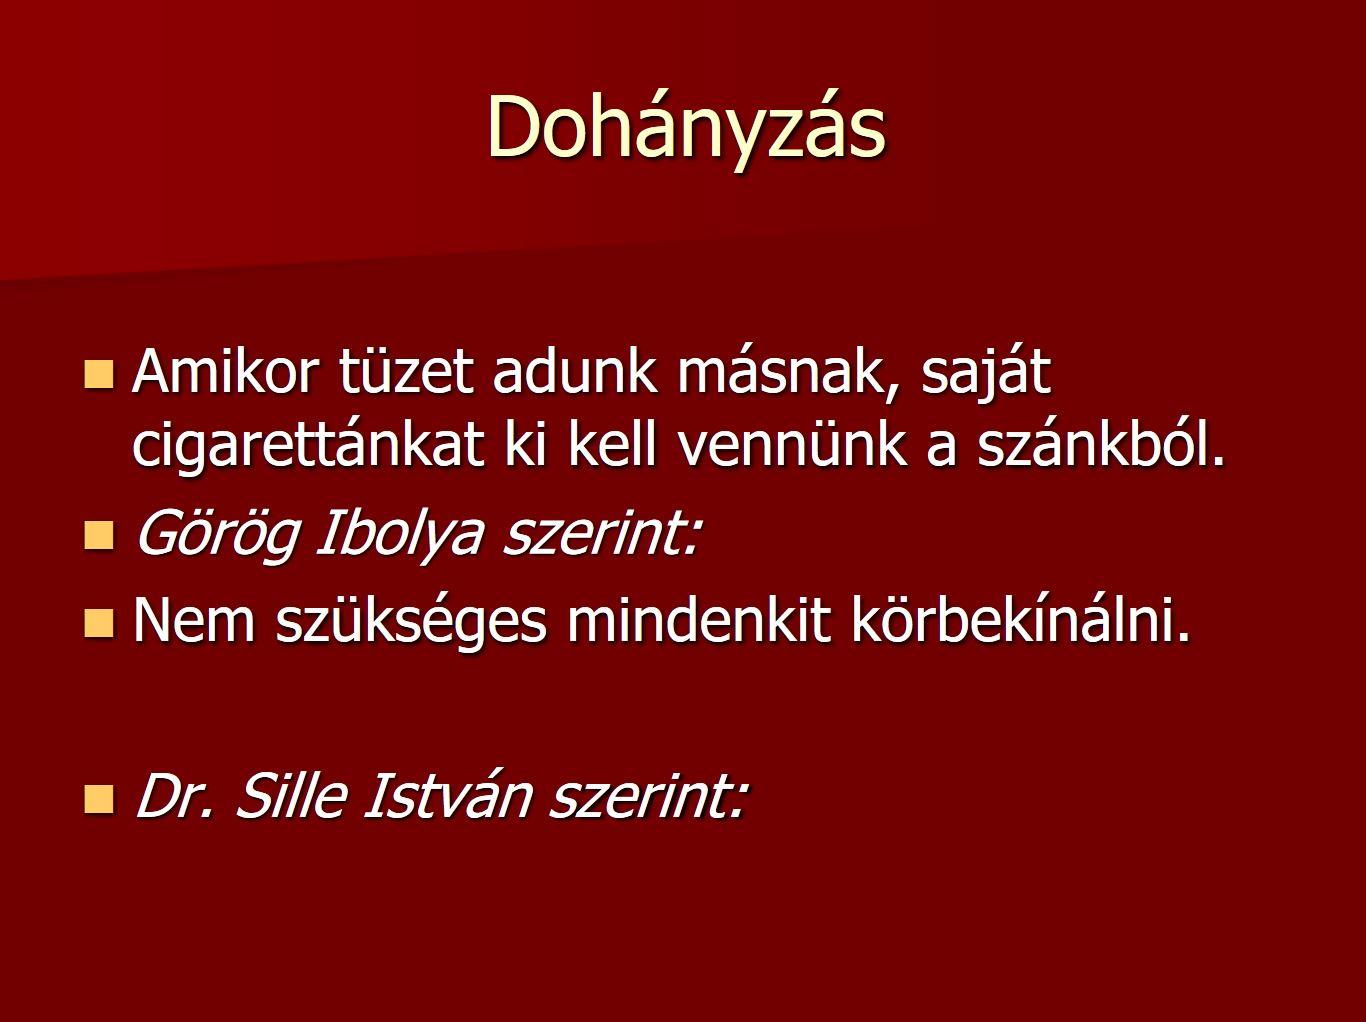 szivar_etikett_dohanyzas_illemtana_szivarozas_2.JPG